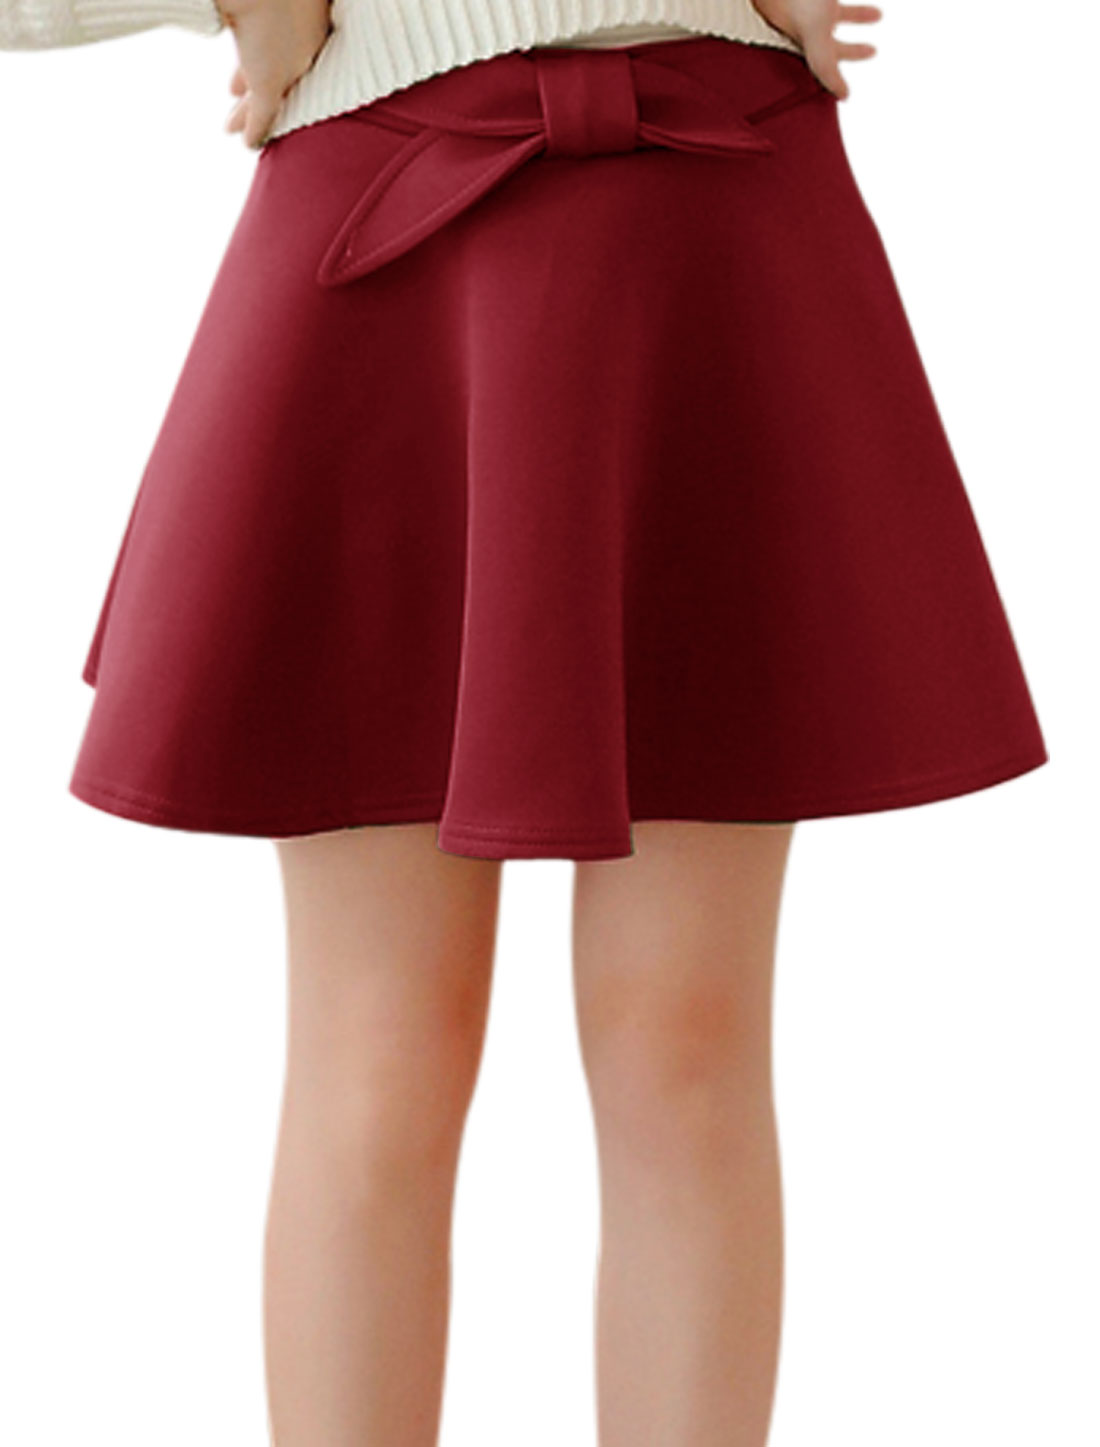 High Waist Bowknot Deocr Casual A-Line Skirt for Women Burgundy XS